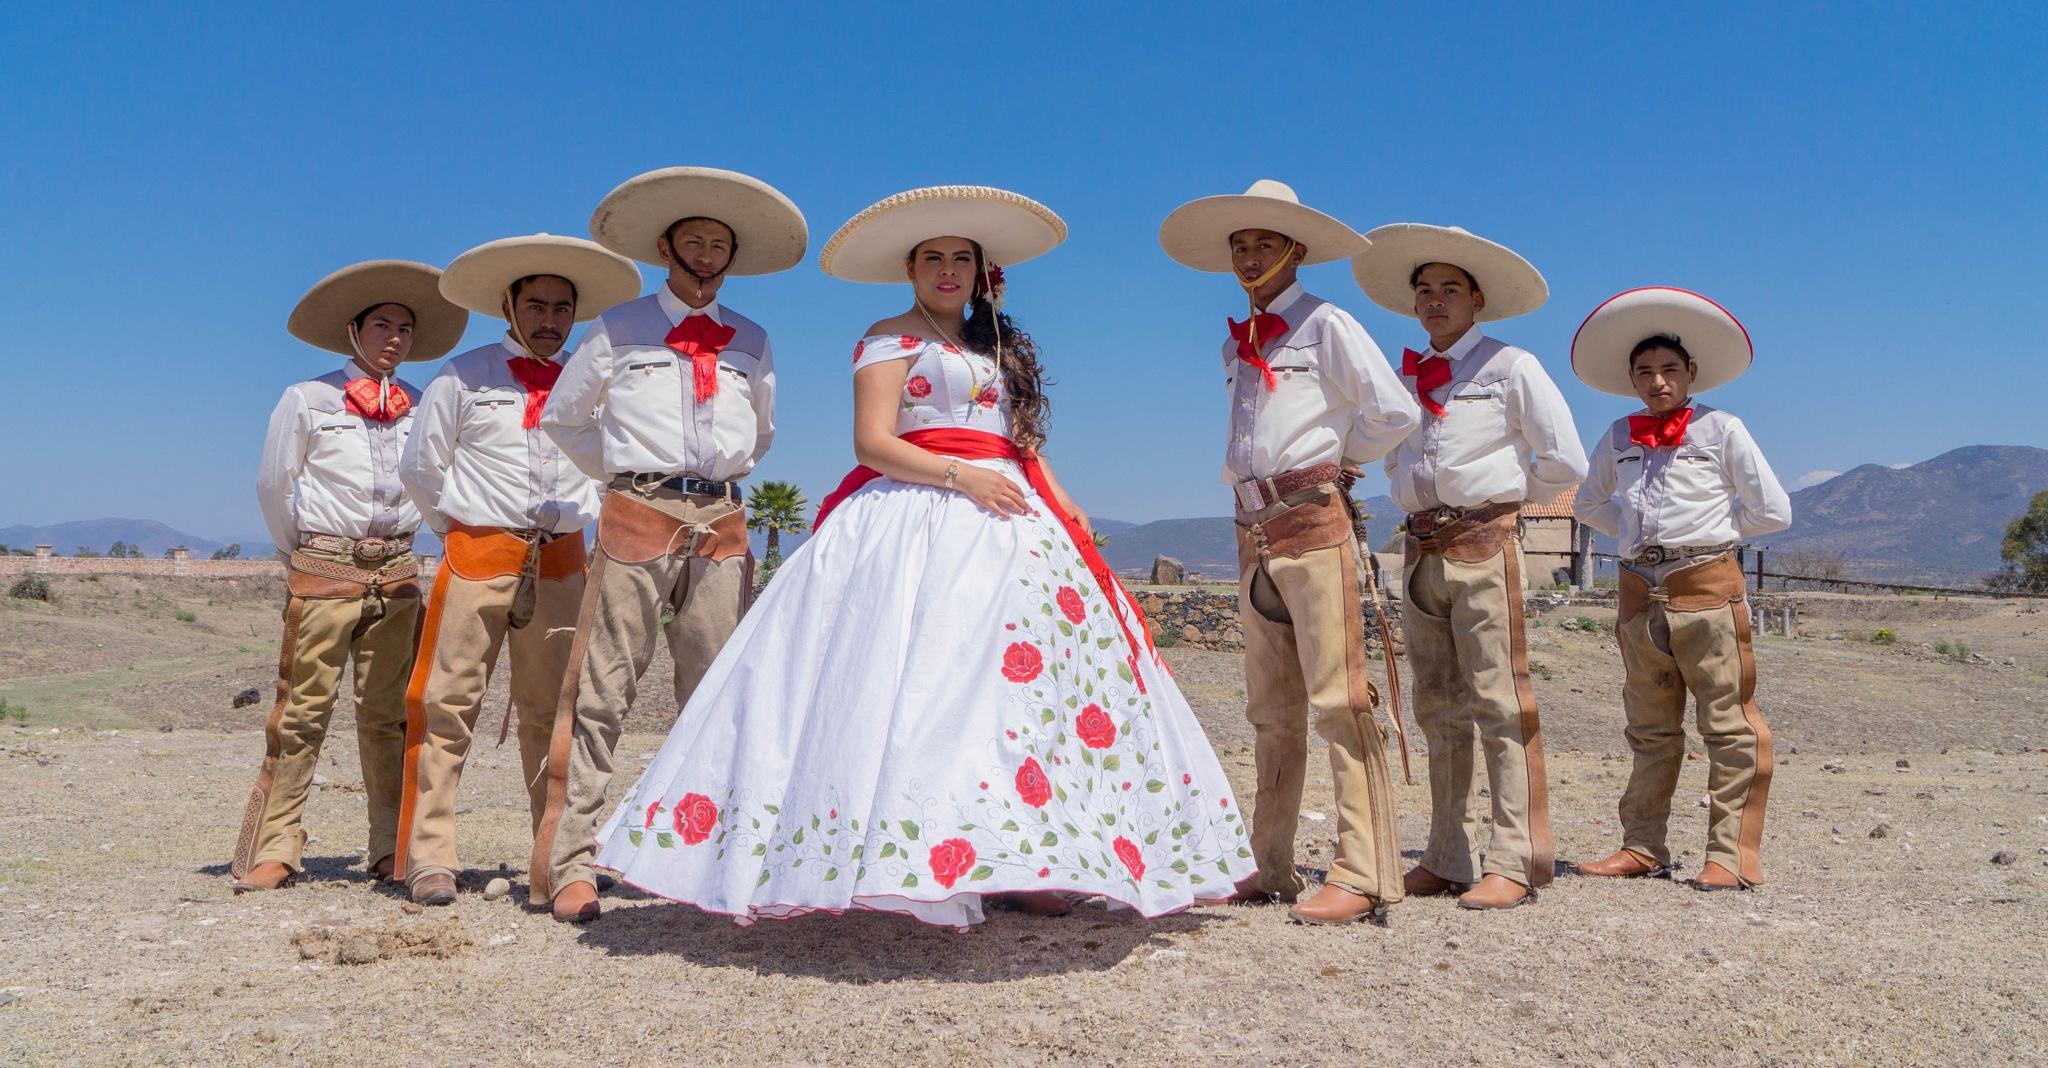 quinceañera by Oscar Flores Hernández